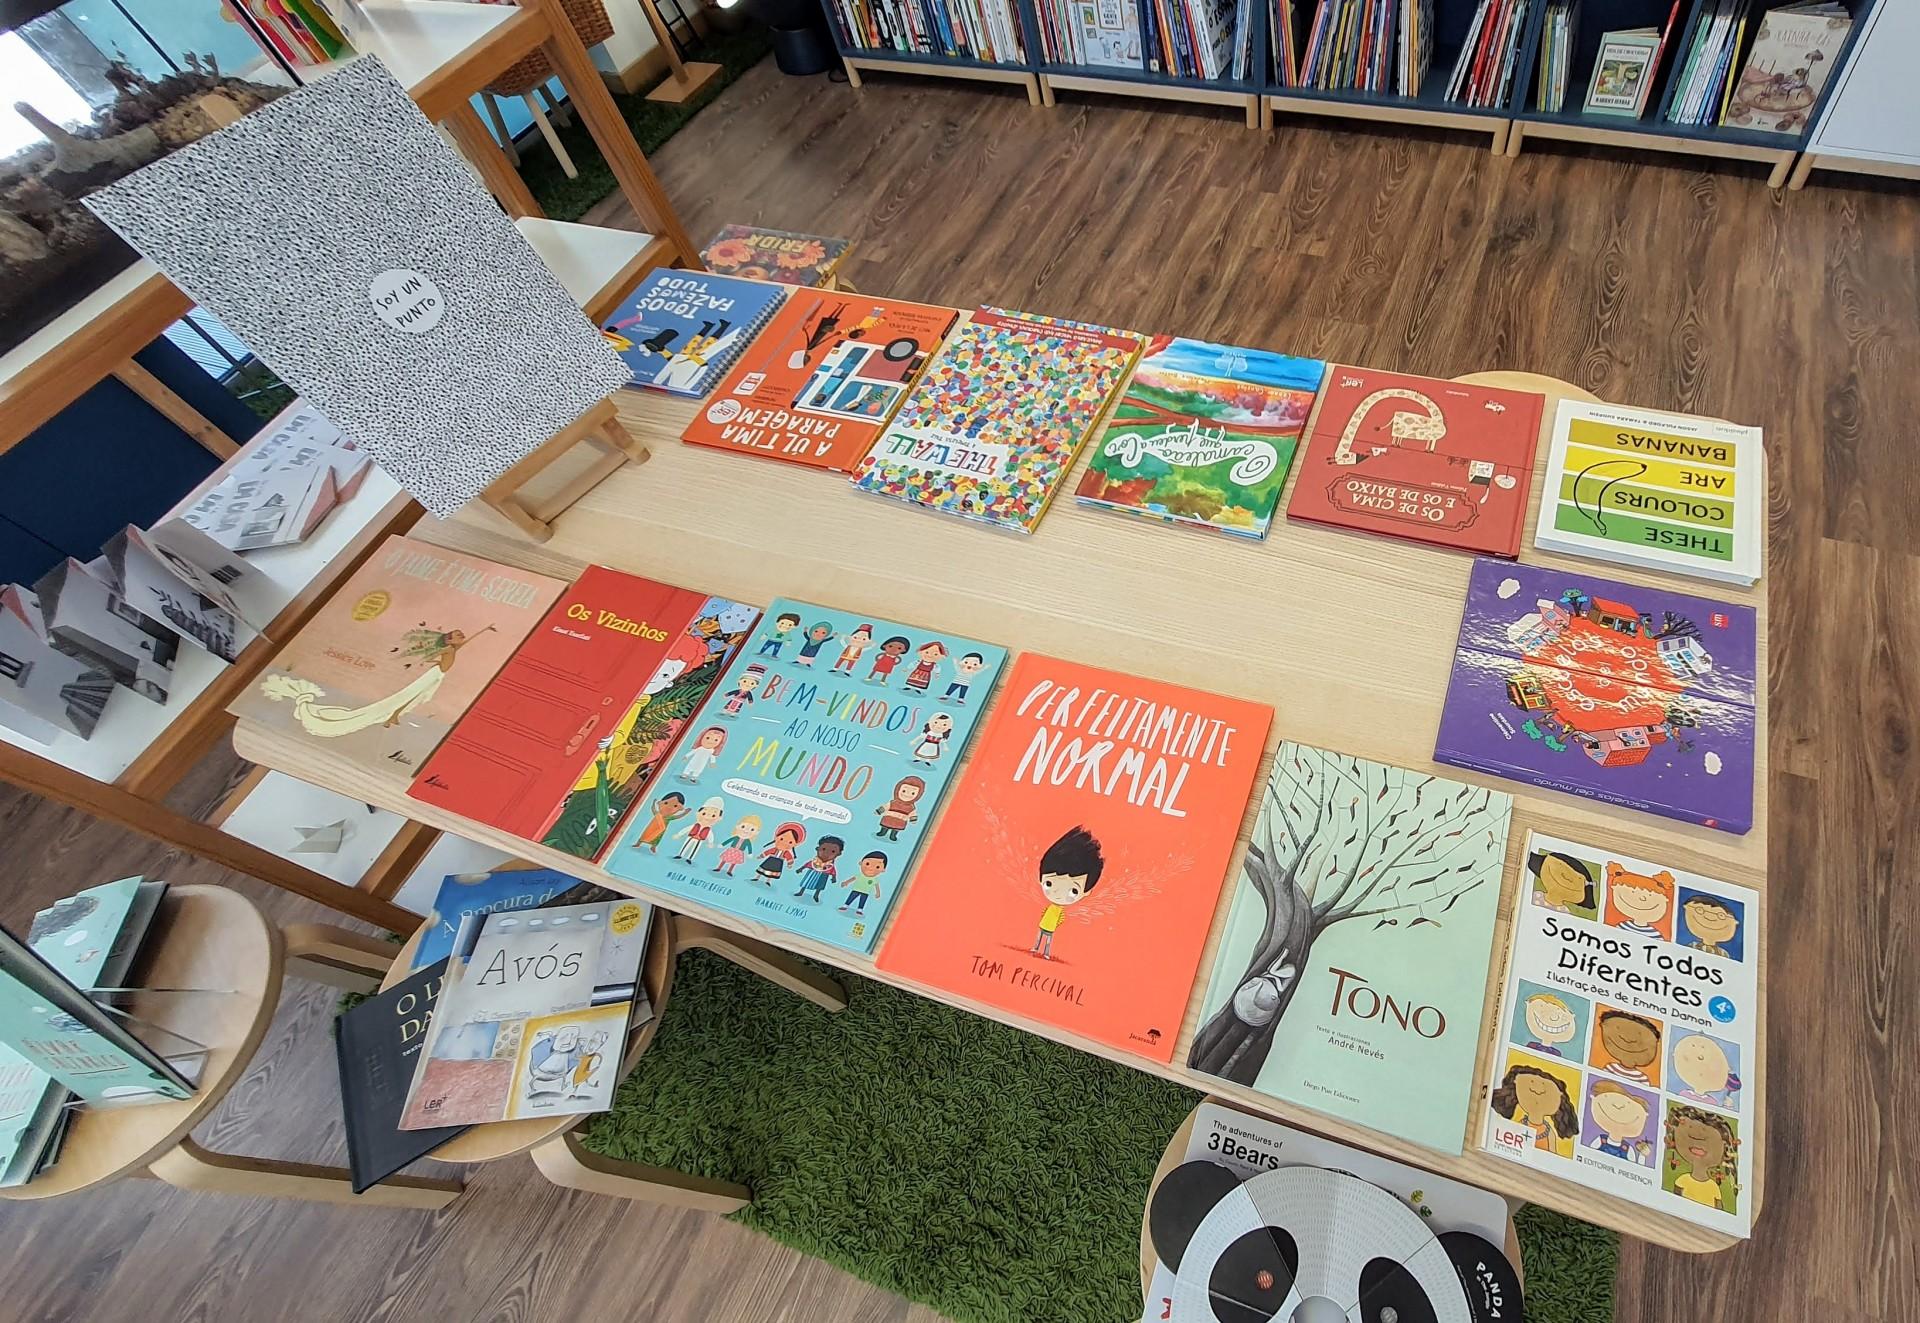 livros diversidade faz de conto livraria